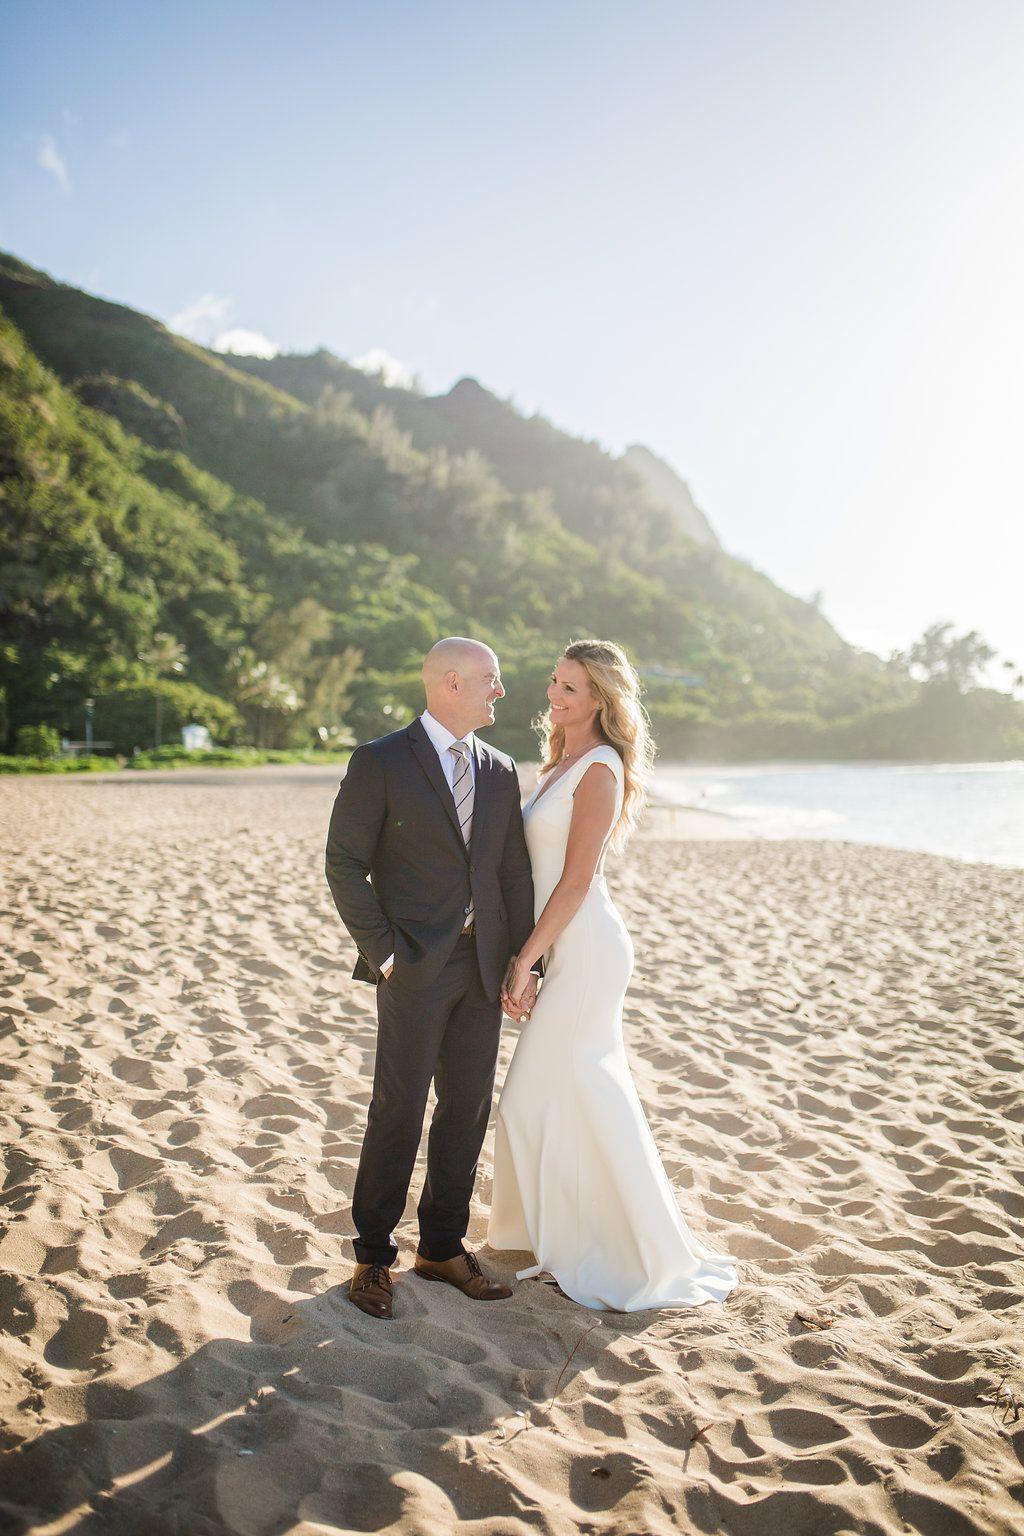 Hawaii Kauai Beach Wedding Photos Blog The Overwhelmed Bride